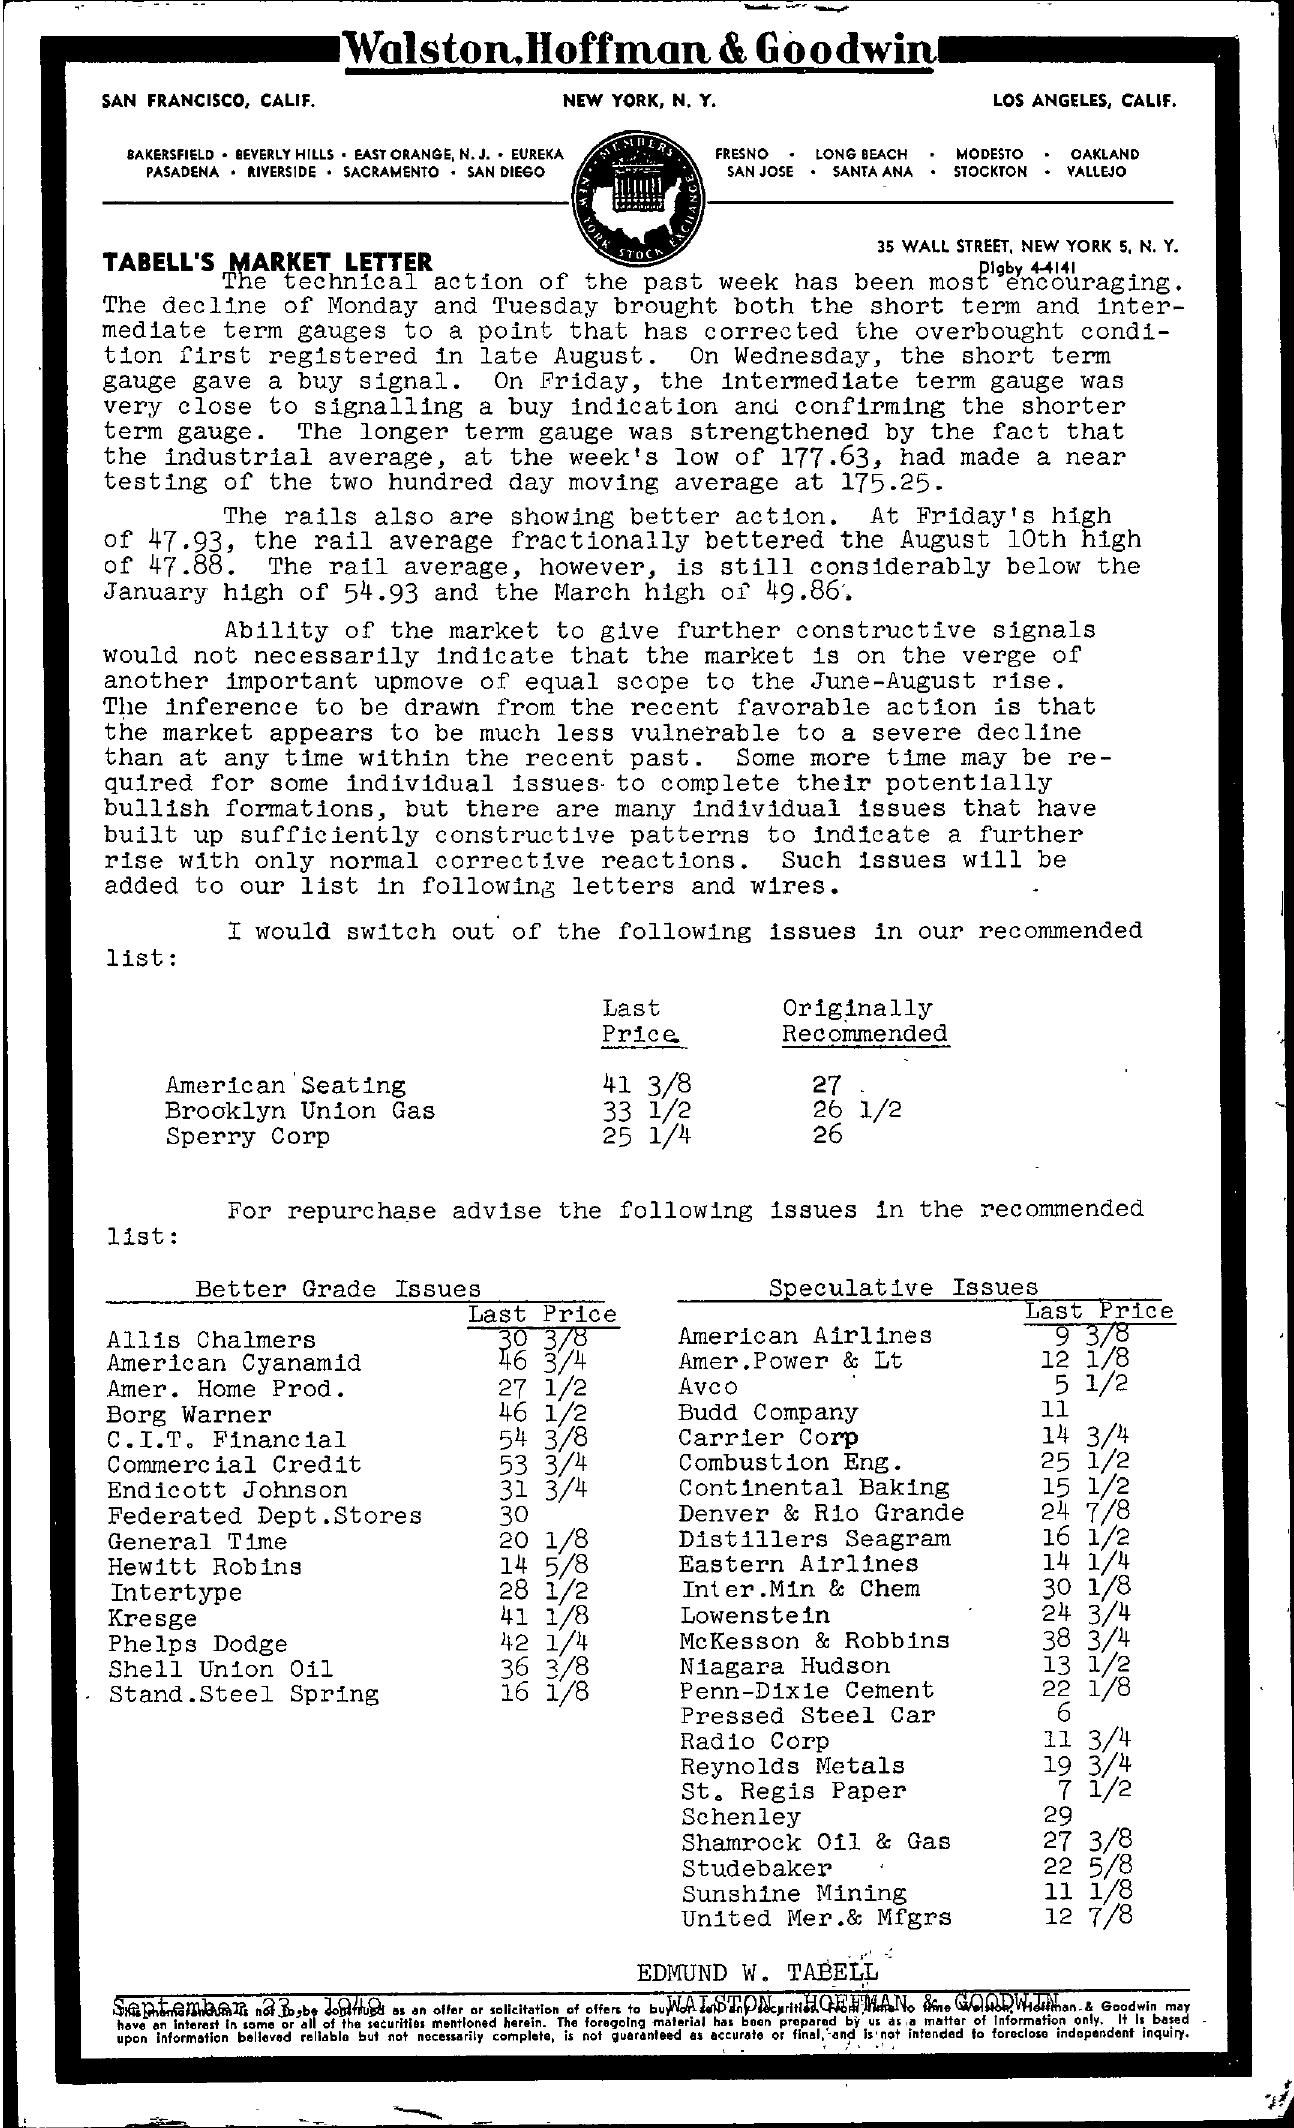 Tabell's Market Letter - September 23, 1949